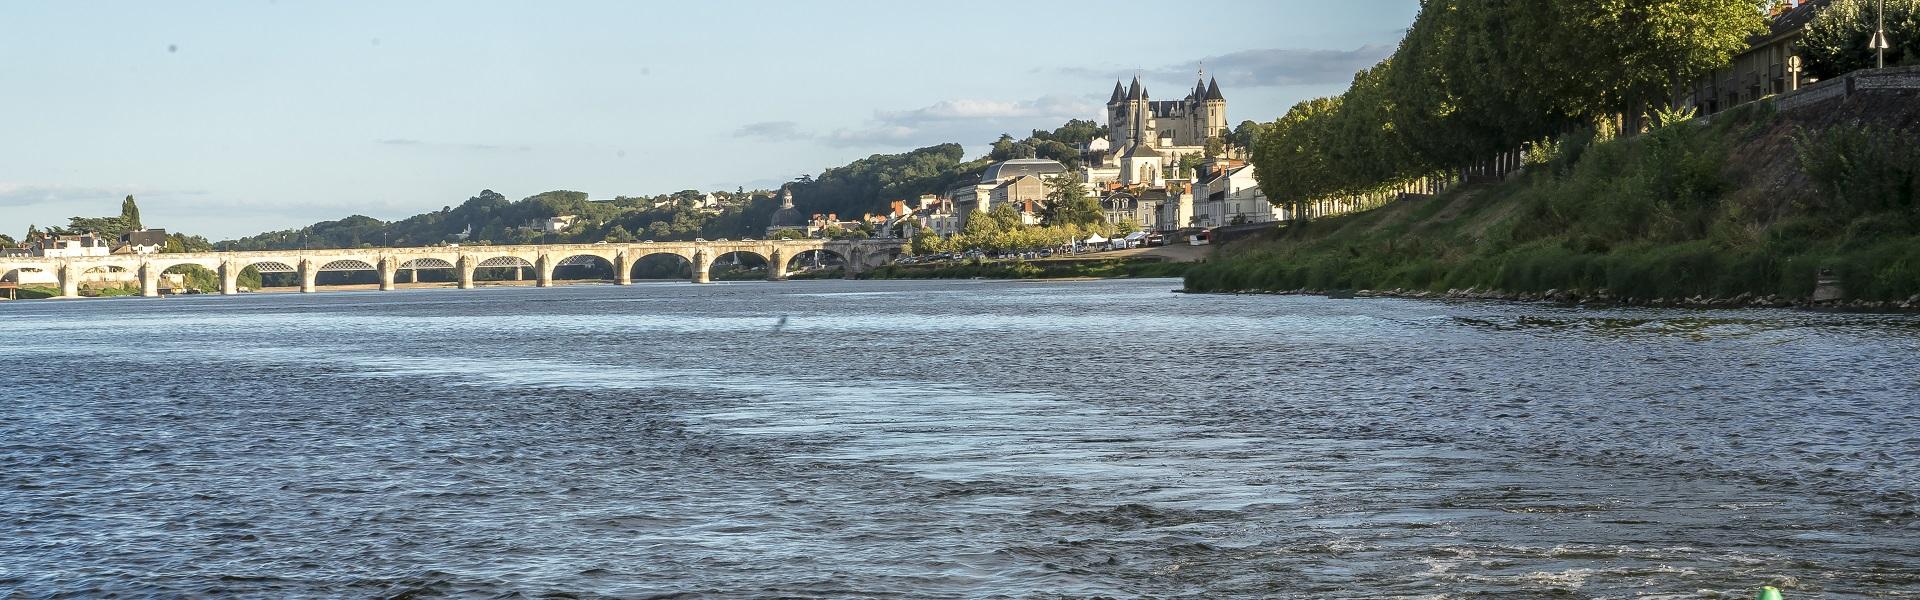 Saumur aan de Loire